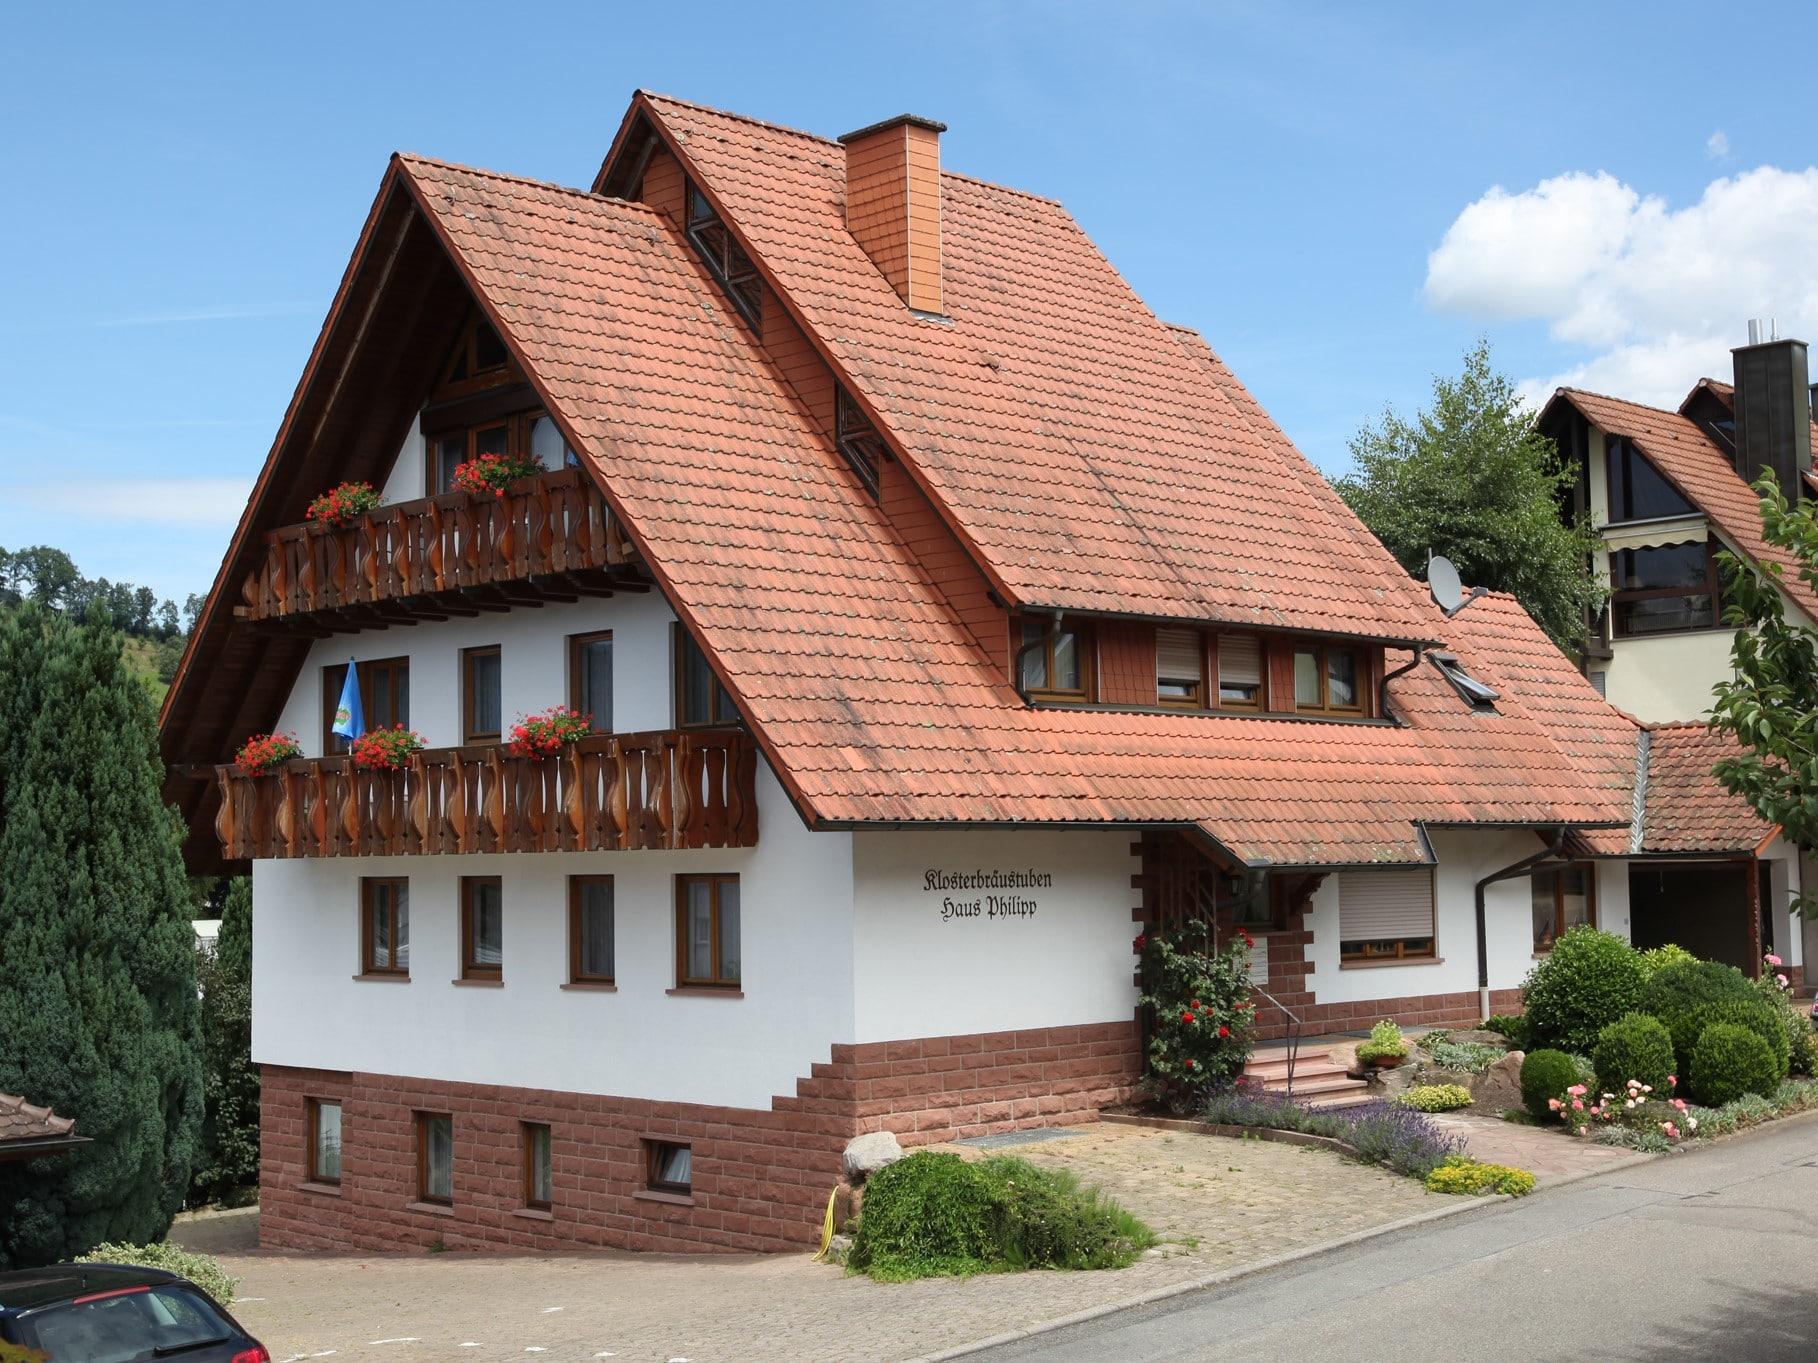 Haus Philipp mit Ferienwohnungen und Gästezimmern